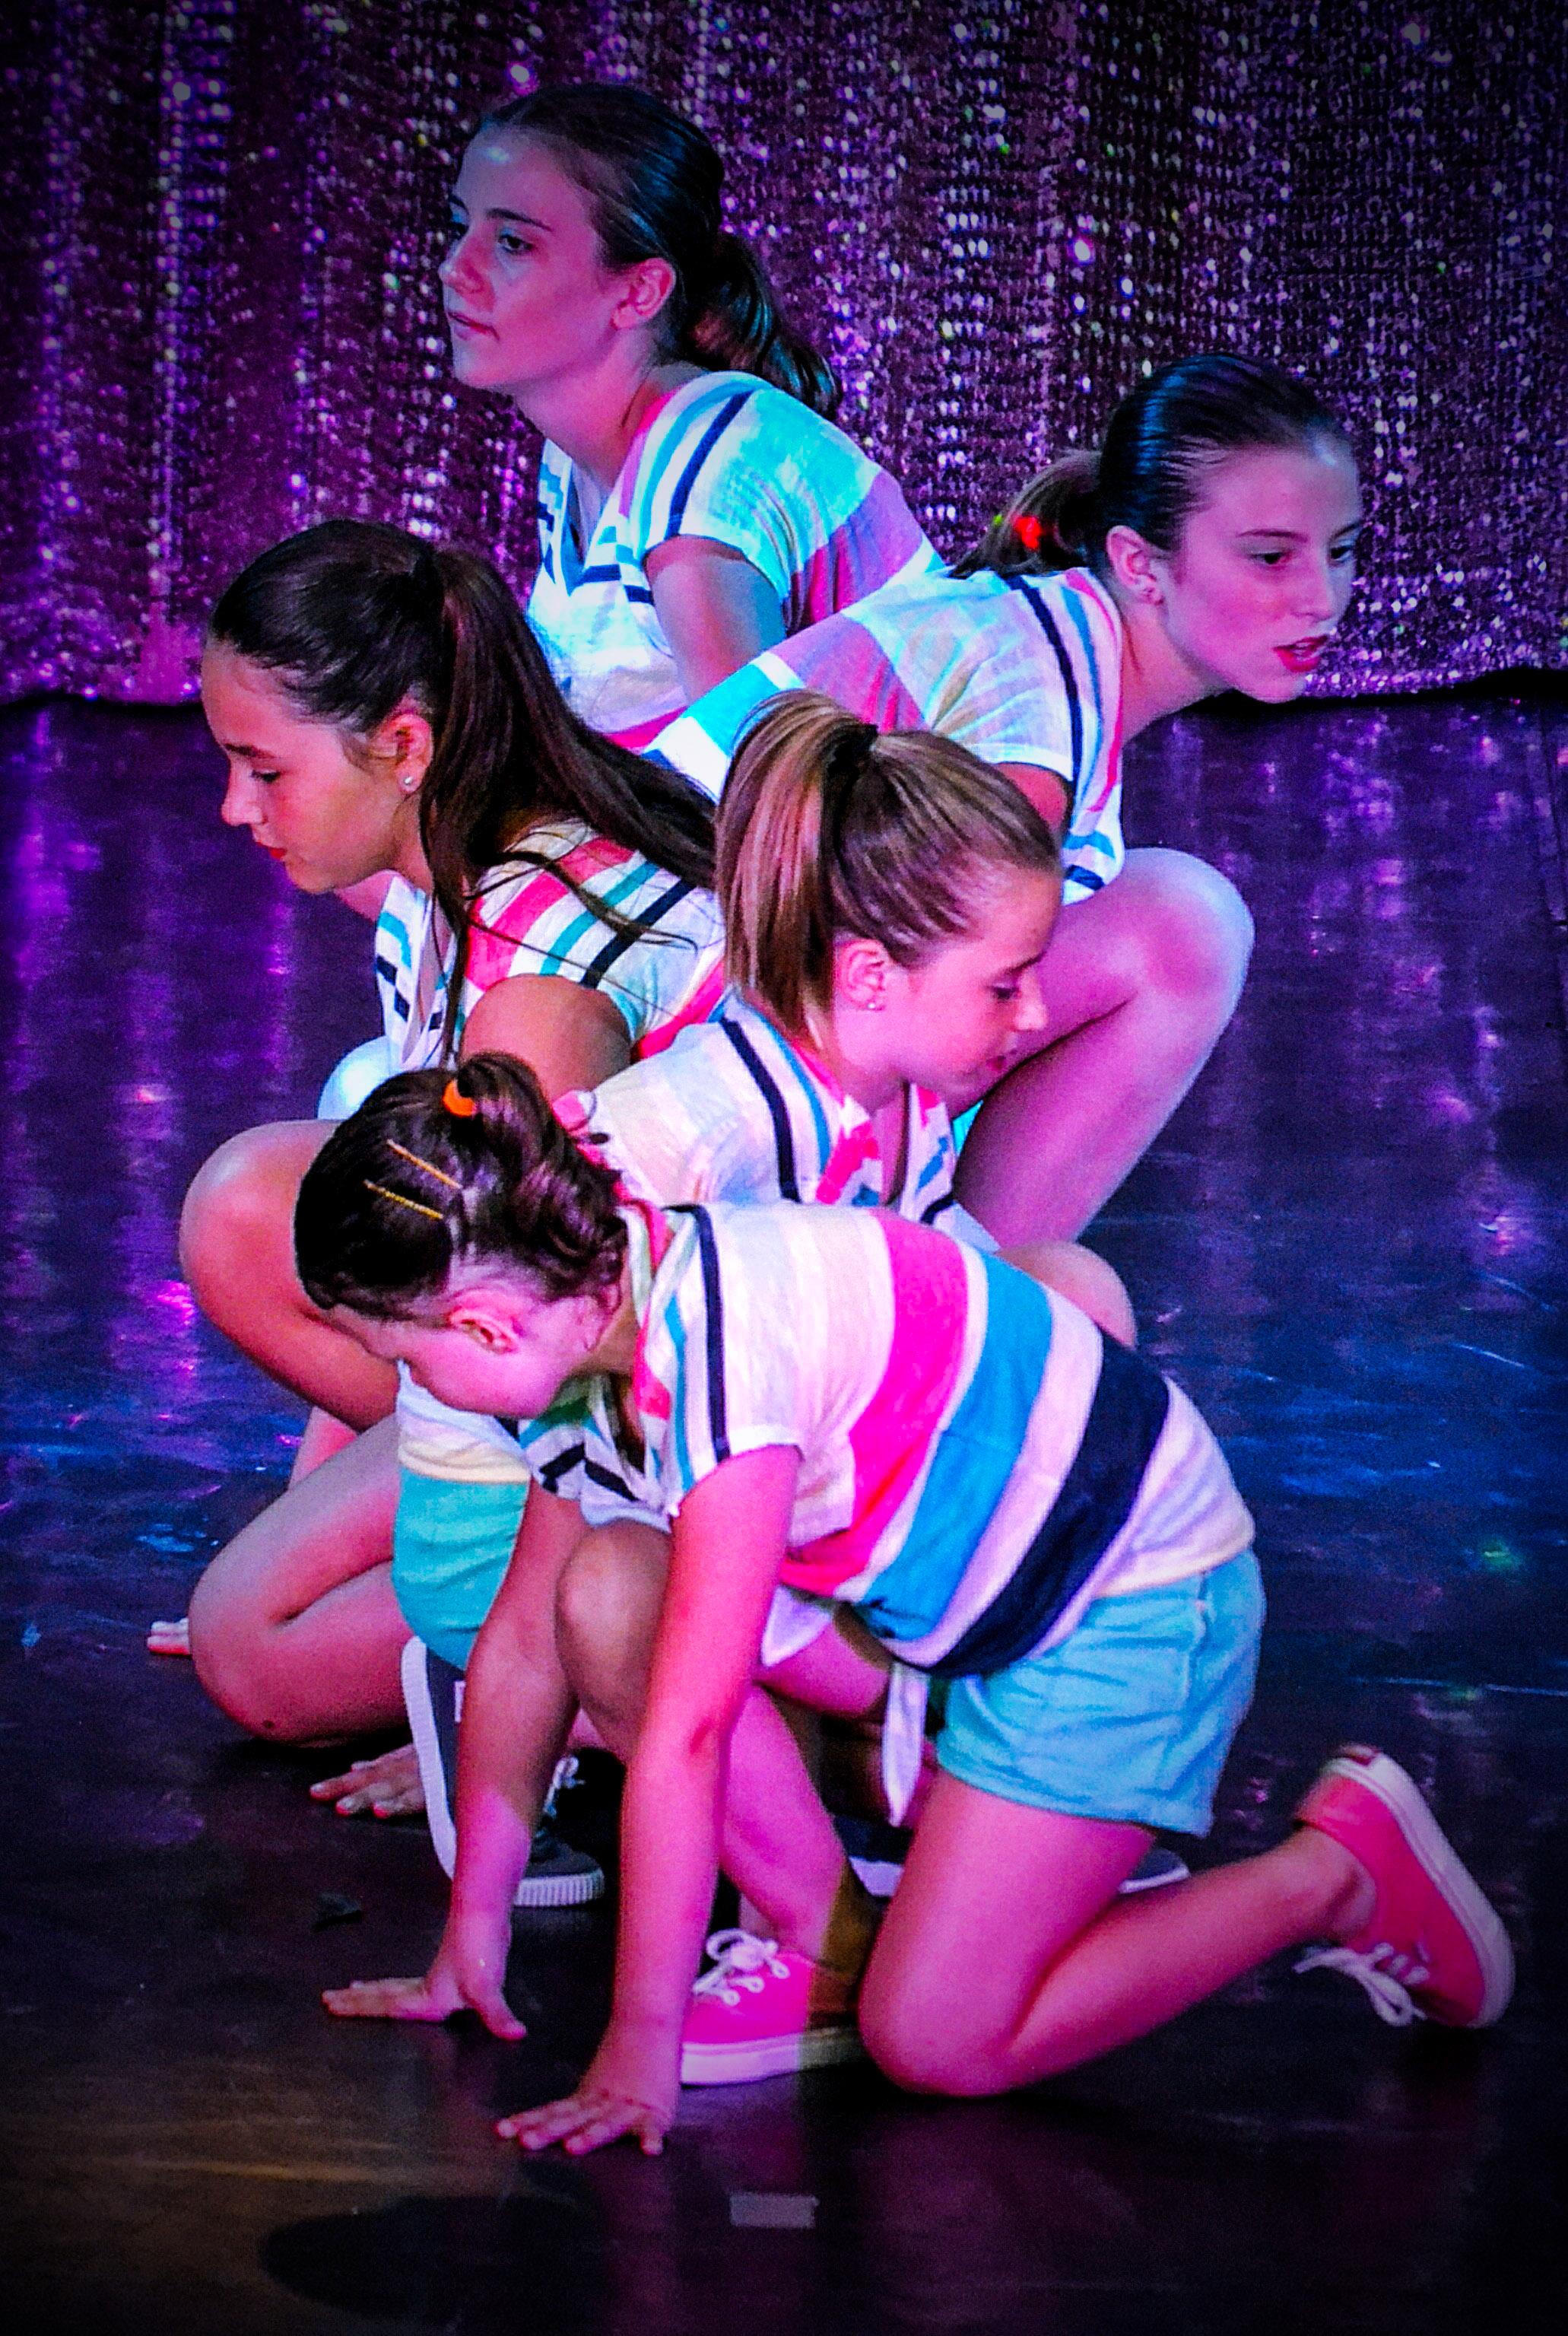 Linea-de-Baile-festival-verano-2015-clases-de-baile-valencia-163